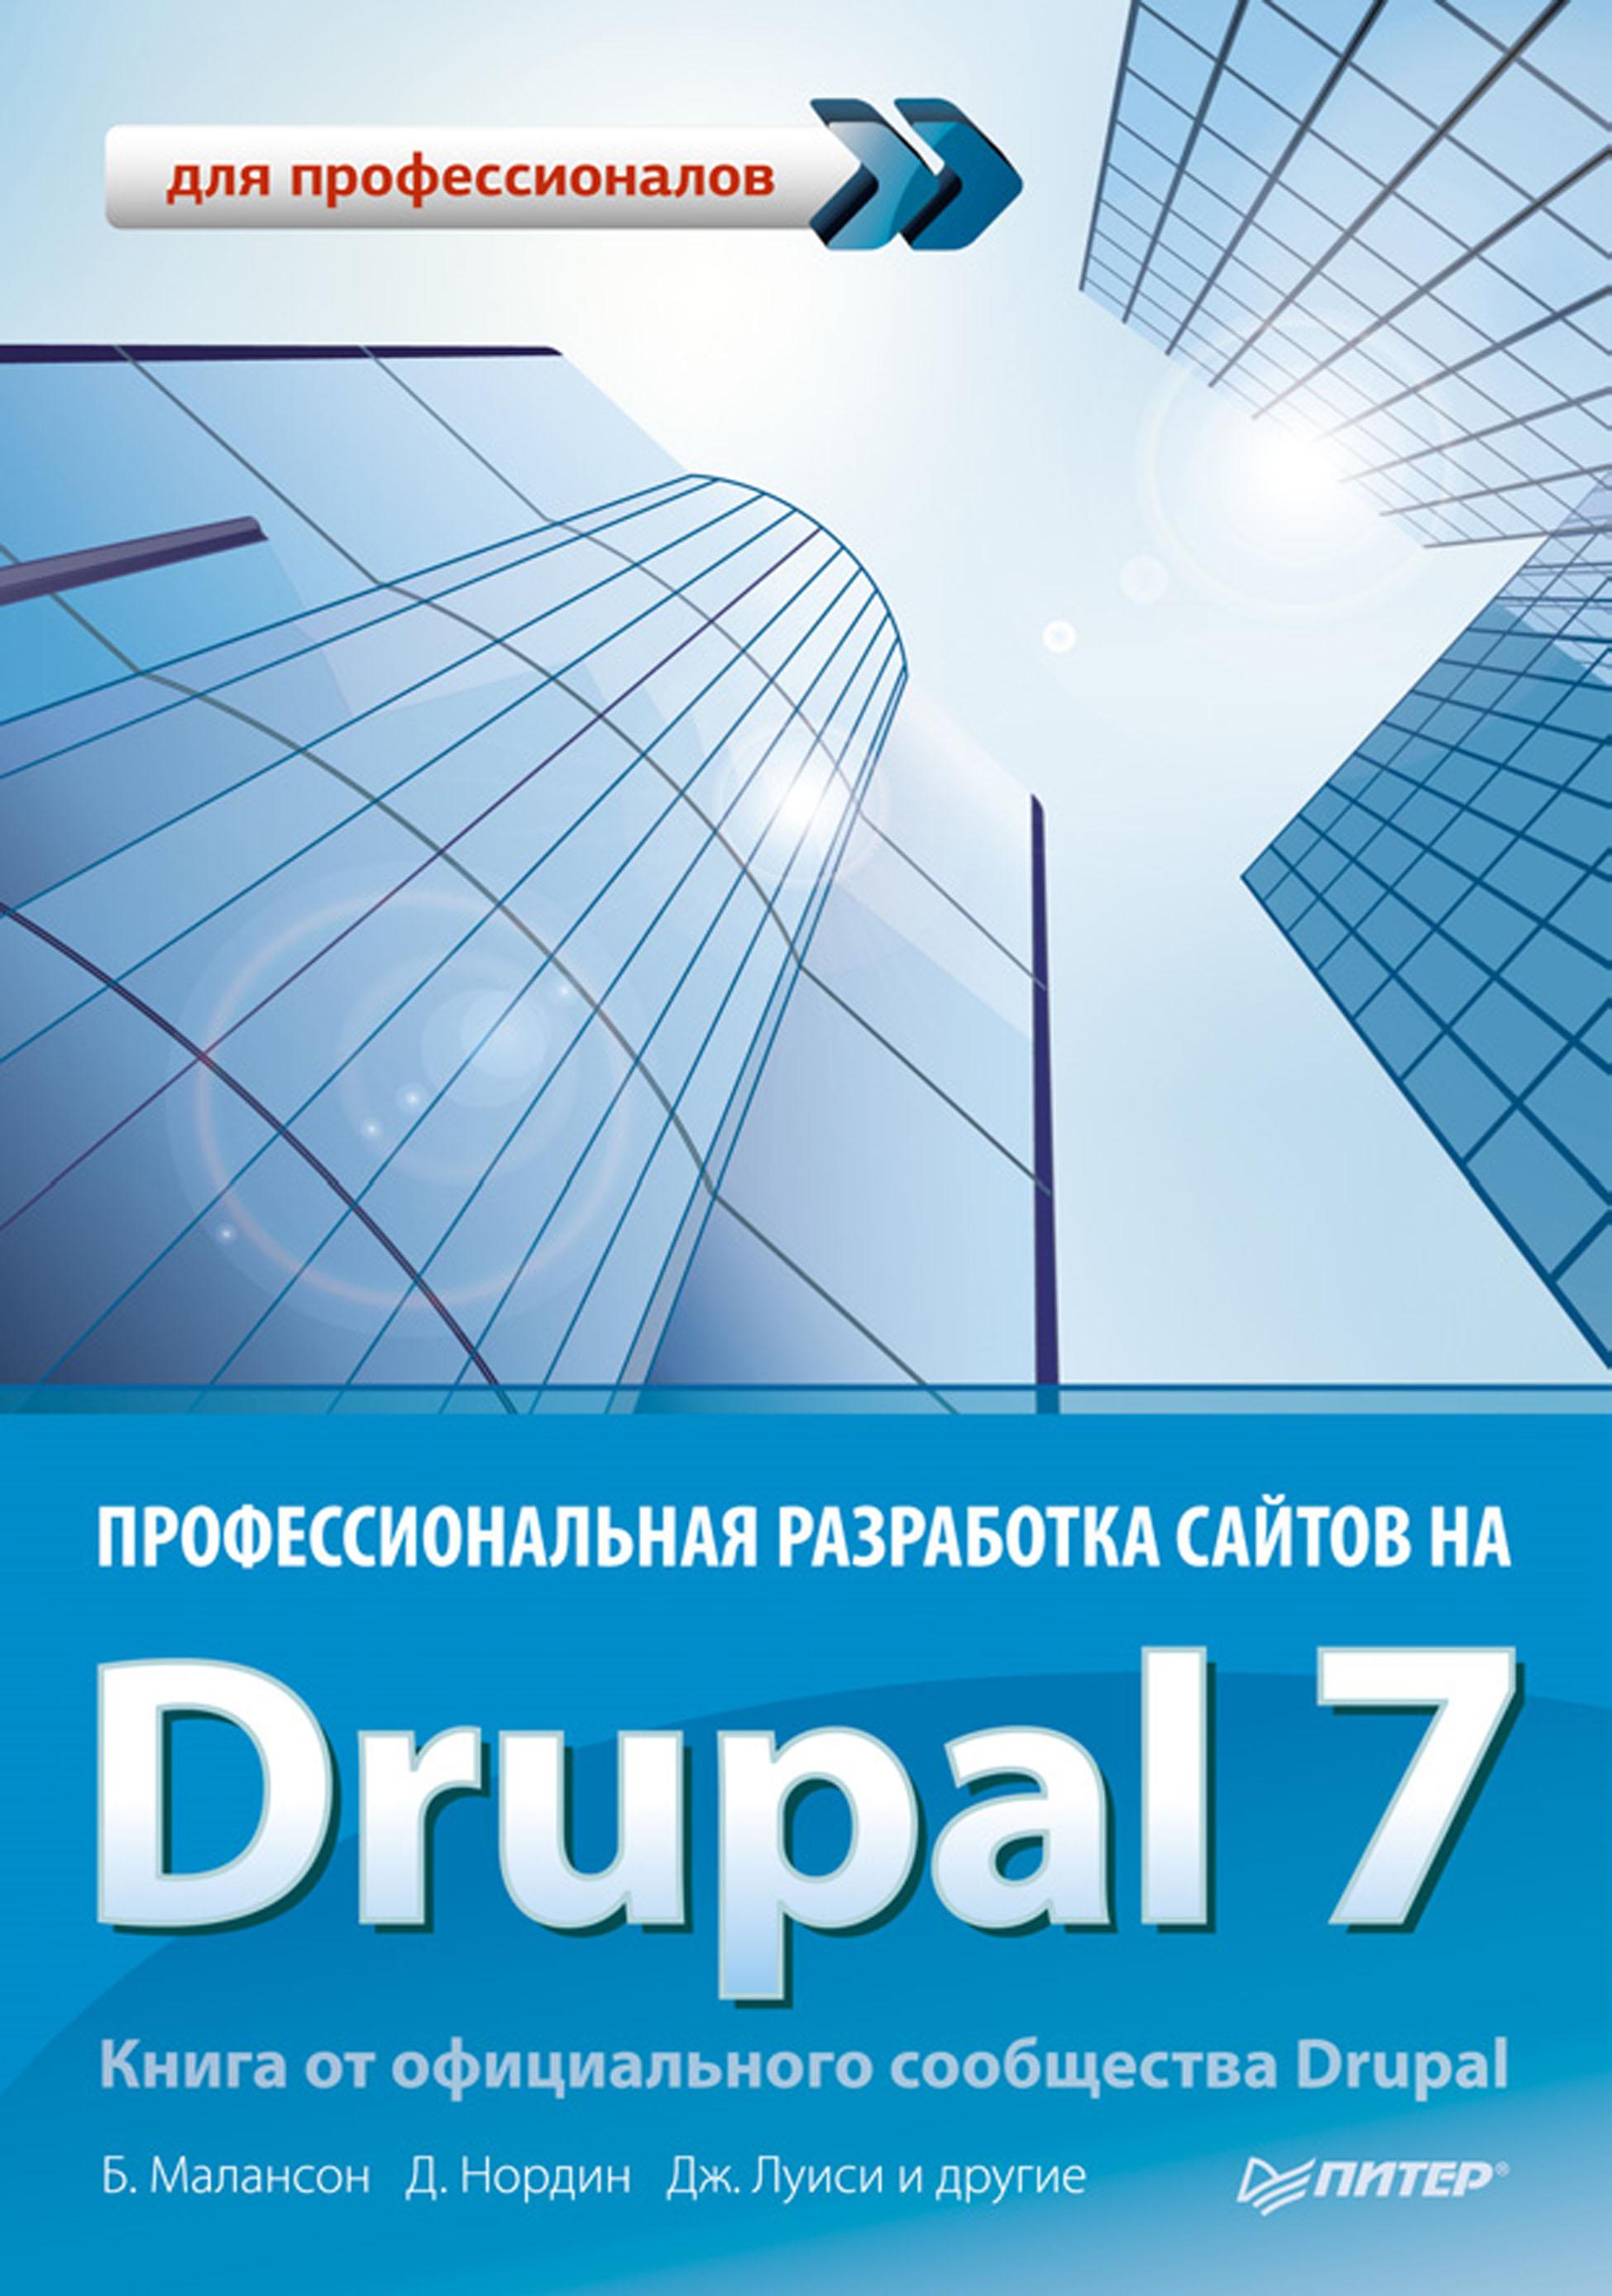 Коллектив авторов Профессиональная разработка сайтов на Drupal 7 д н колисниченко drupal 7 руководство пользователя